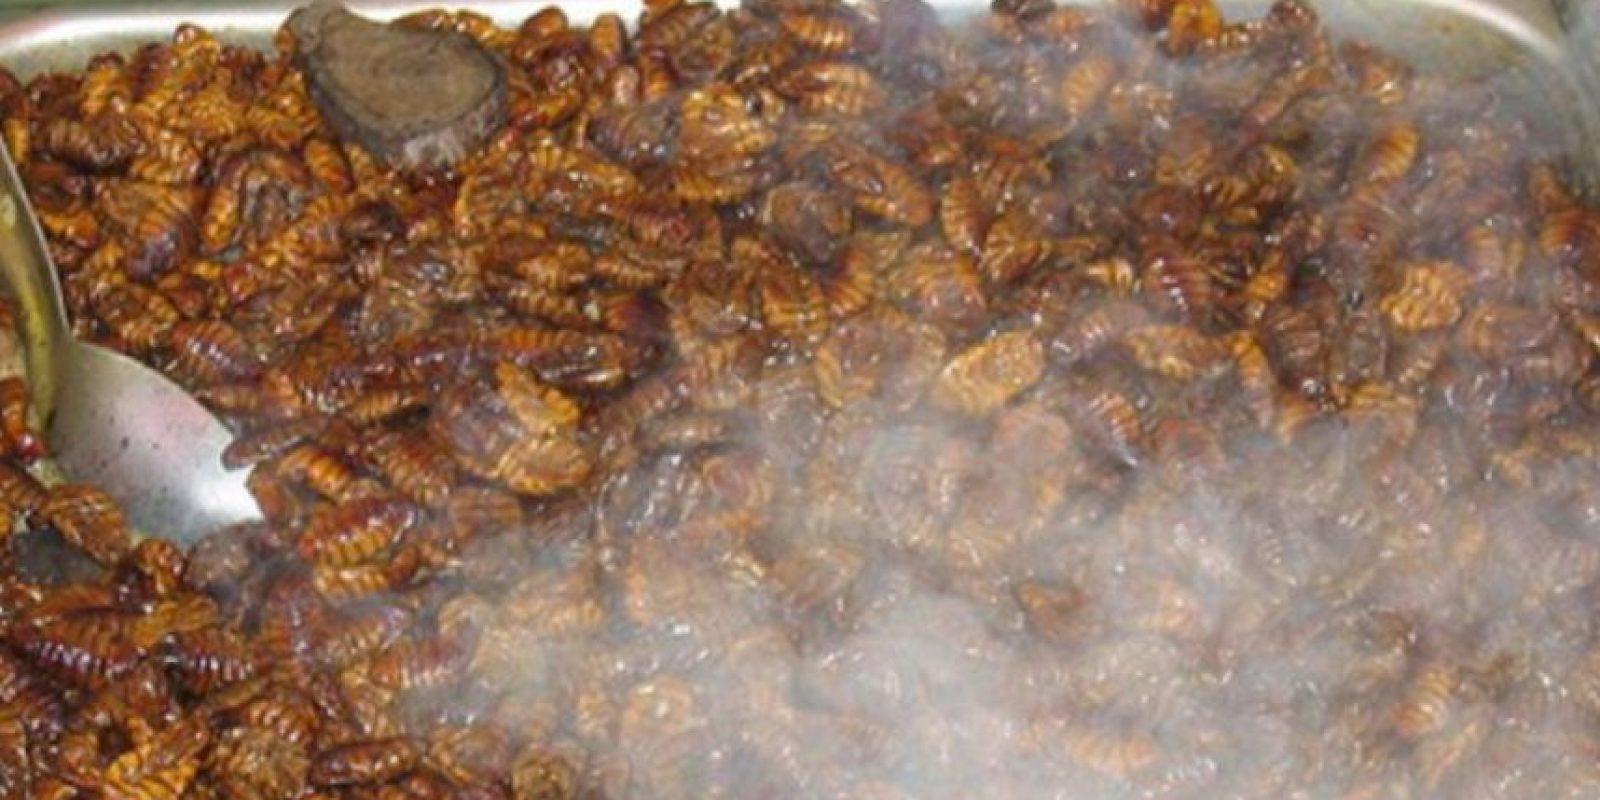 """Video: 7 tutoriales para cocinar insectos y gusanos que los horrorizarán """"La recolección de insectos y su crianza a nivel del hogar o la escala industrial puede ofrecer importantes oportunidades de subsistencia para las personas, tanto en países en desarrollo como en países desarrollados"""", indicó el estudio. Foto:vía Tumblr"""